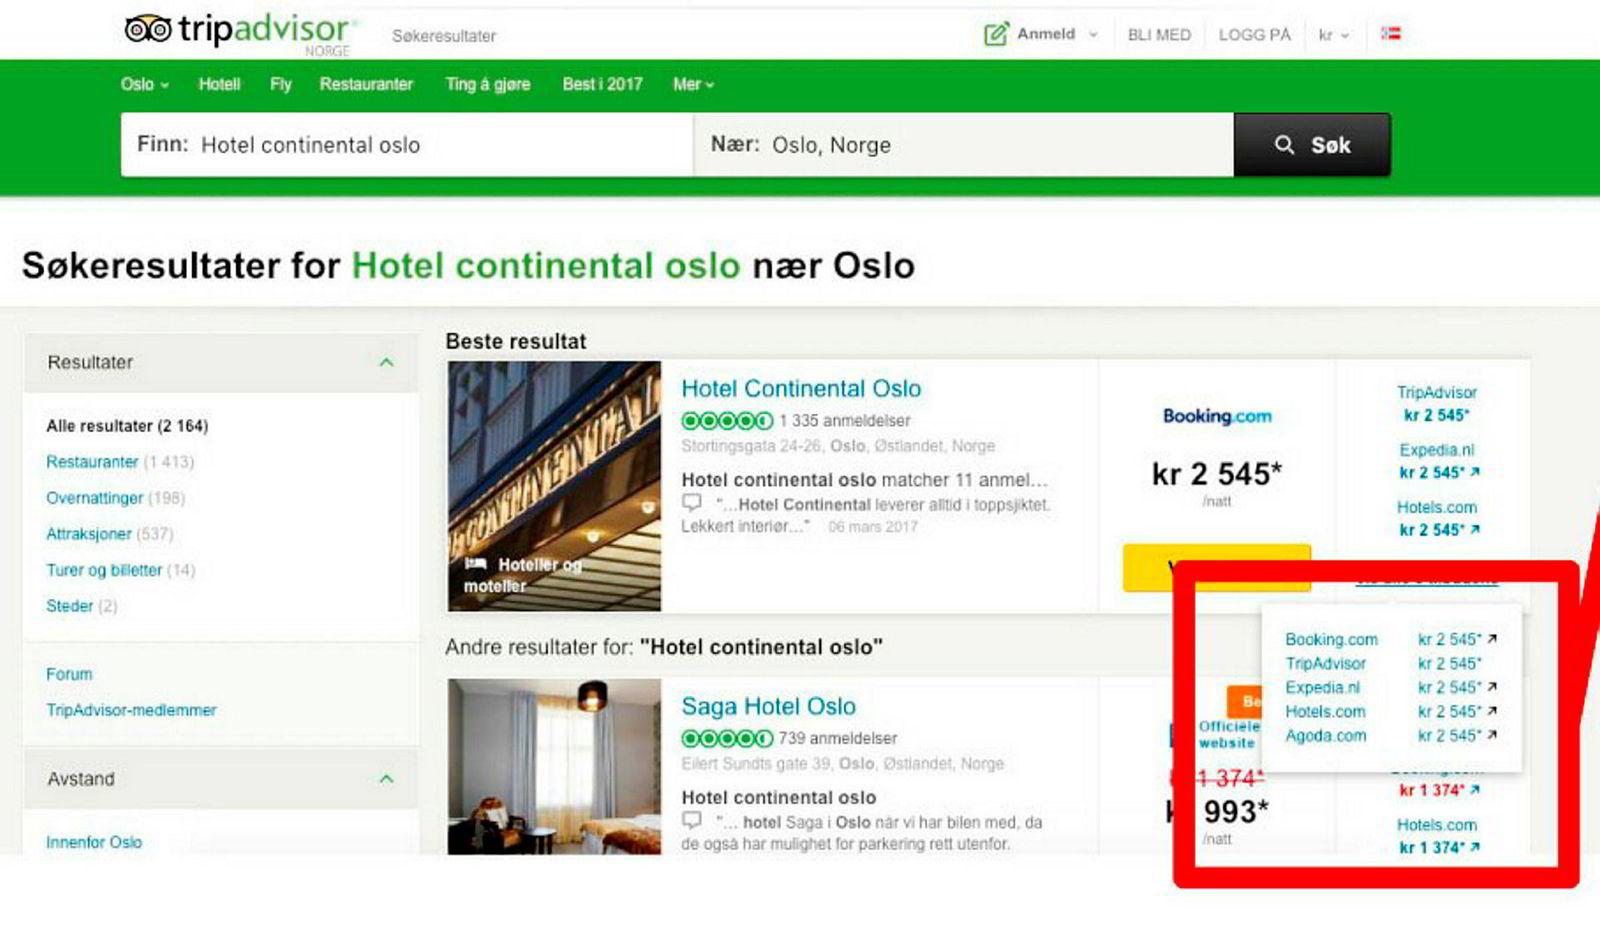 Mange tilbydere gir inntrykk av konkurranse, Men reelt sett er det bare to. For Hotels.com og Expedia er samme konsern. Booking.com og Agoda eies av nederlandske Priceline – som også tar seg av bookingene til Tripadvisor.